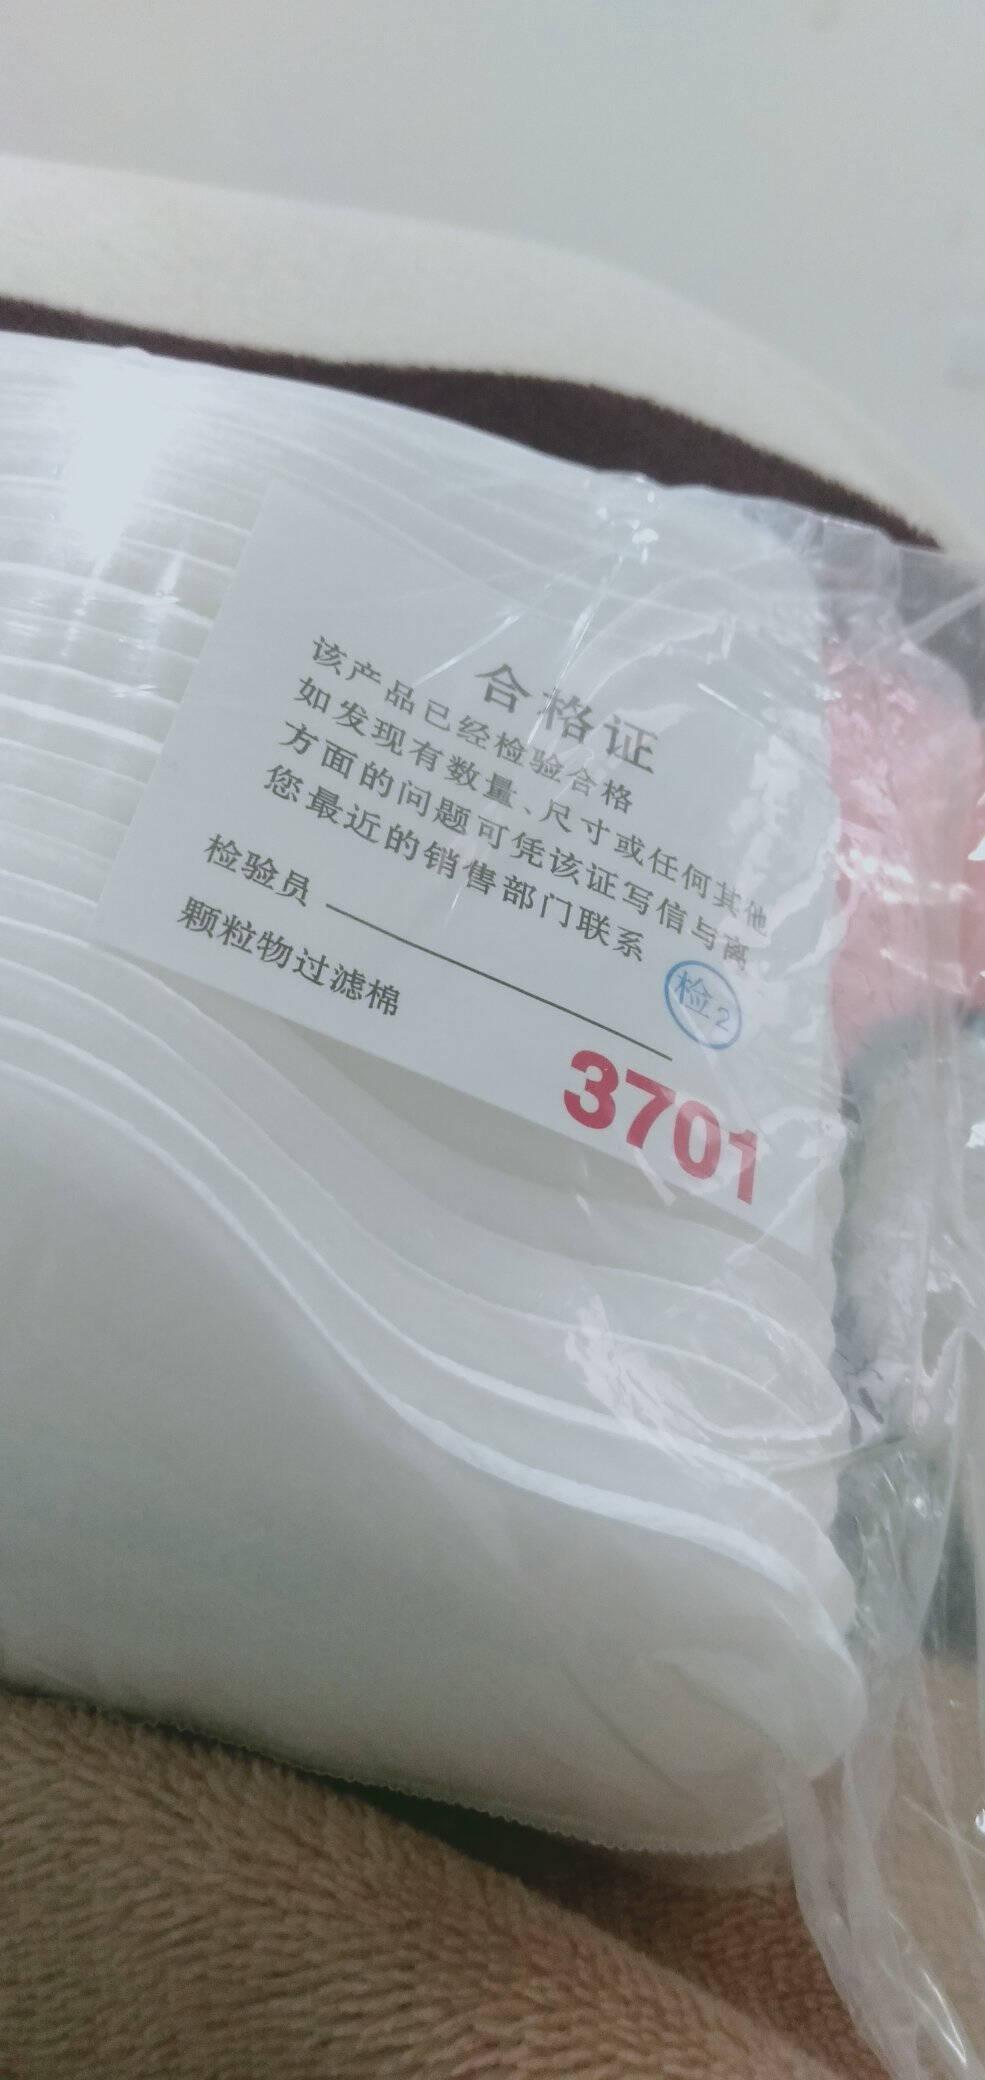 防尘口罩过滤棉3200防尘面具过滤纸工业打磨电焊煤矿3701加厚滤垫KN95滤棉【20片】